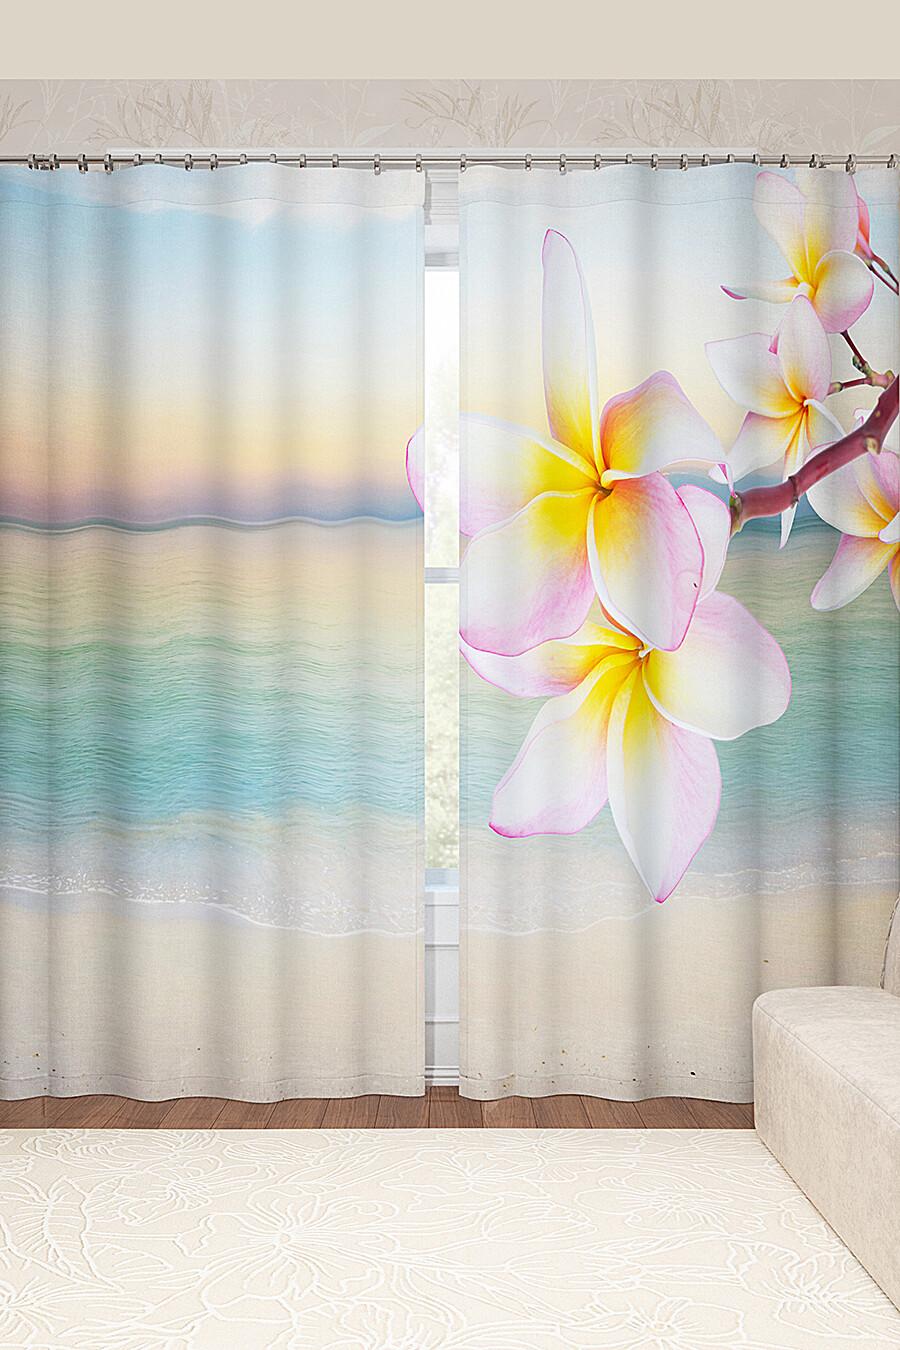 Фотошторы для дома ART HOME TEXTILE 123842 купить оптом от производителя. Совместная покупка товаров для дома в OptMoyo